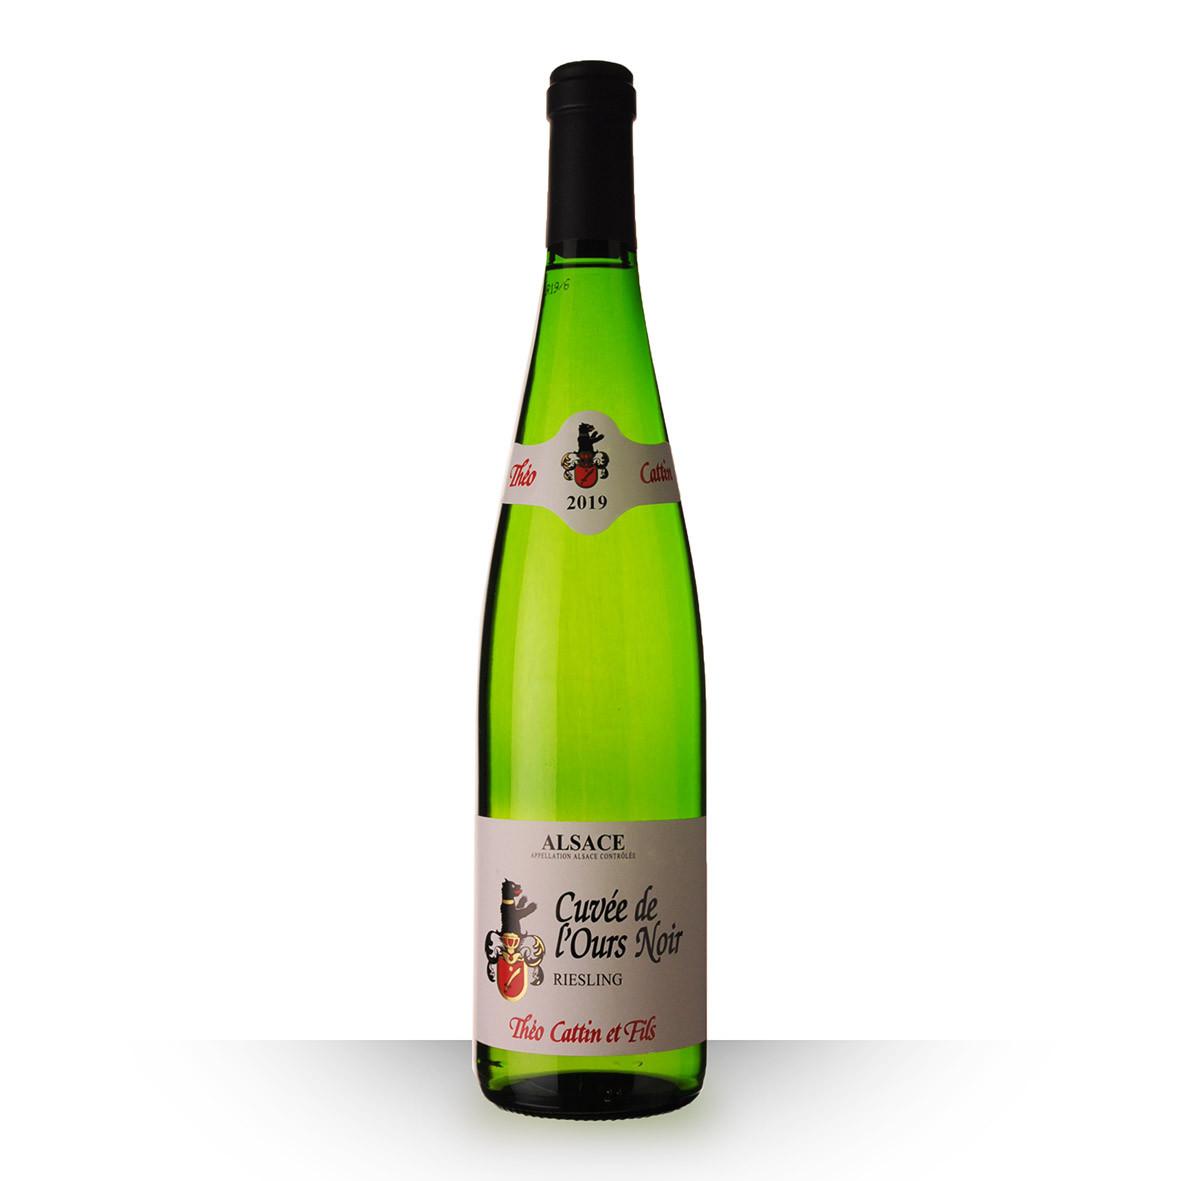 Théo Cattin Cuvée de lOurs Noir Alsace Riesling Blanc 2019 75cl www.odyssee-vins.com